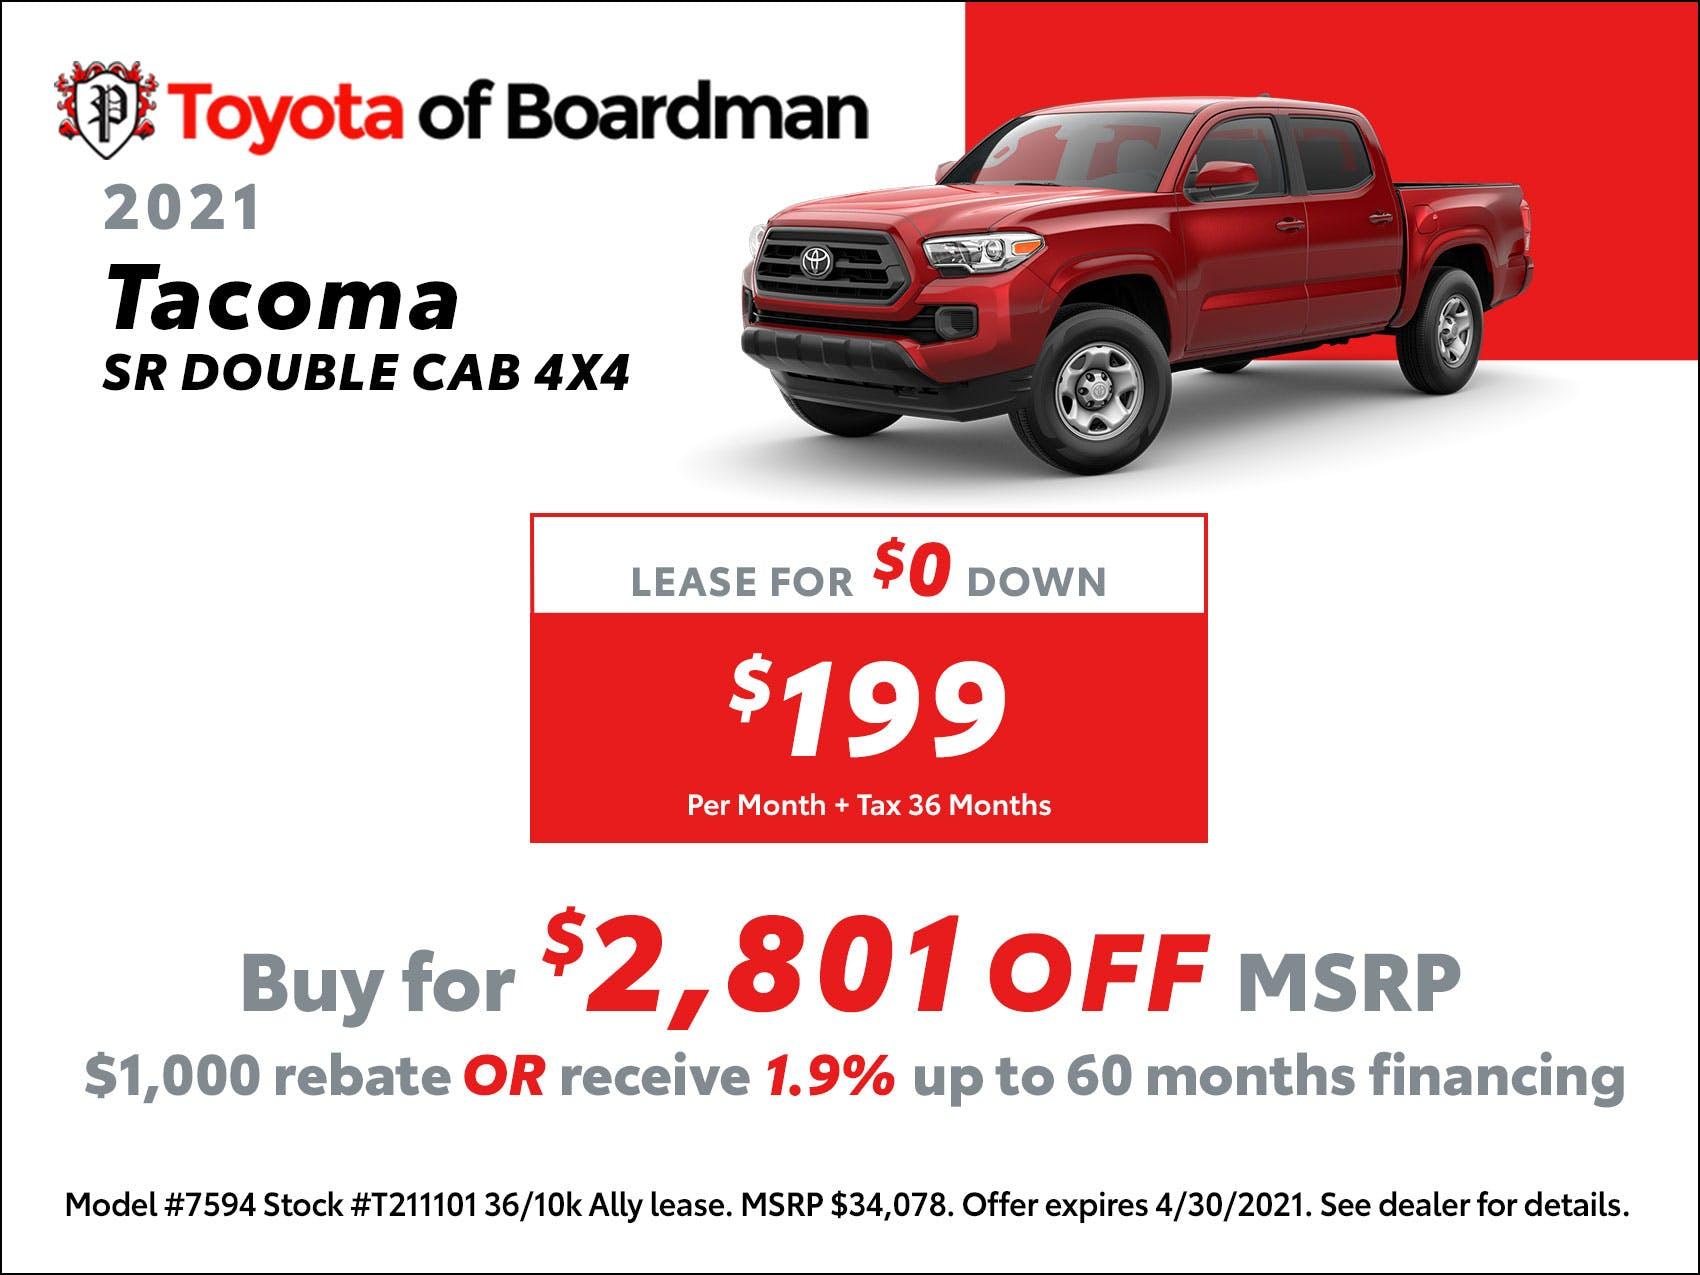 2021 Tacoma Sale